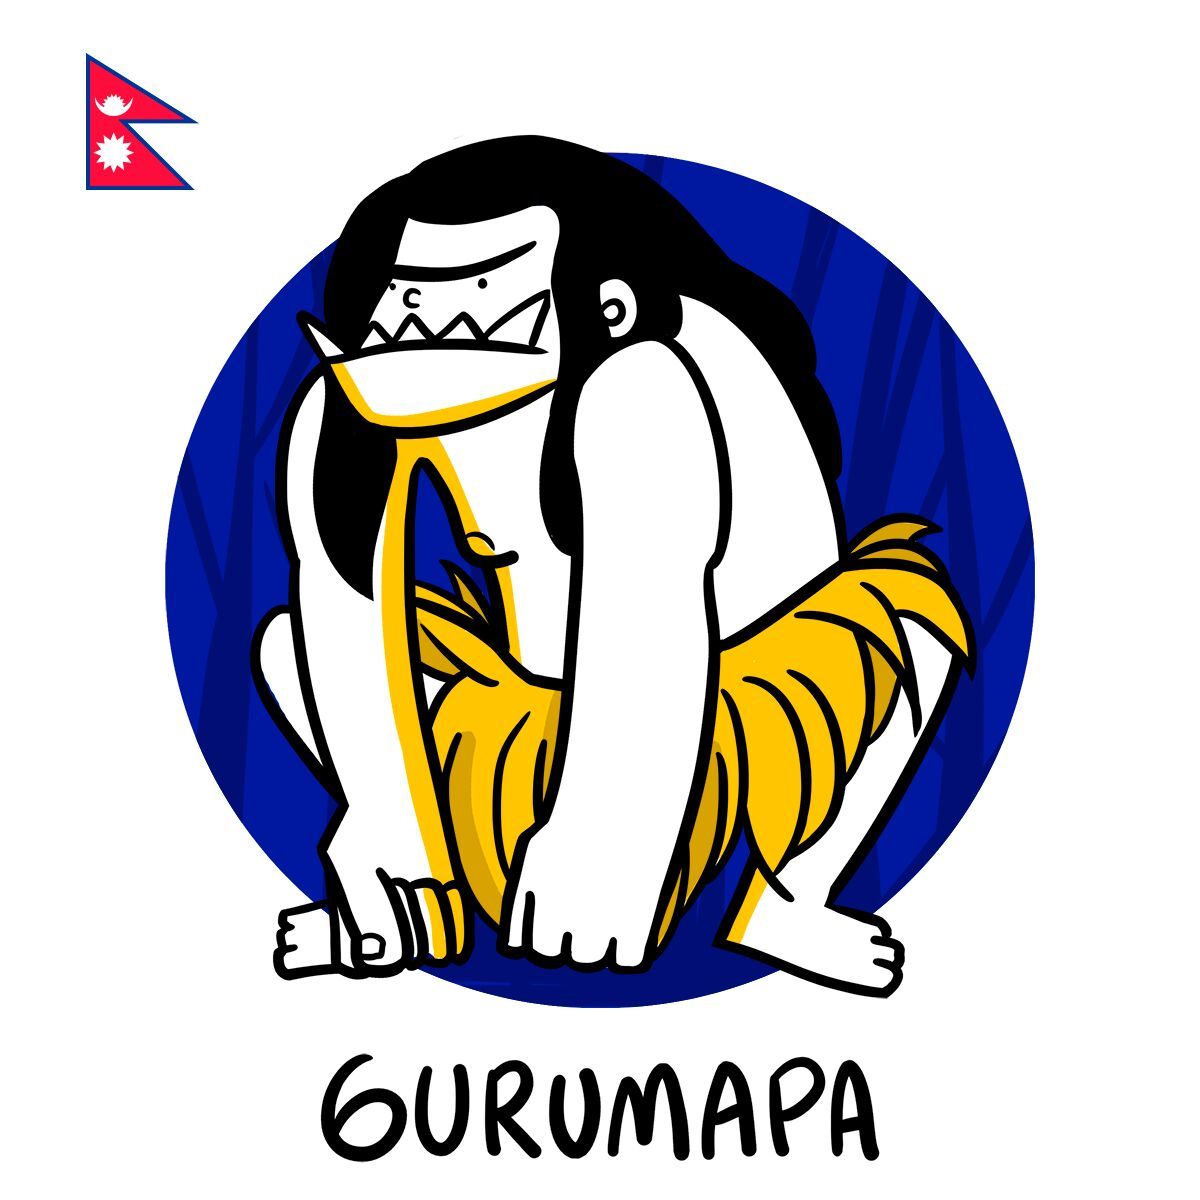 Gurumapa nous vient du Népal, et ressemble vaguement au yéti